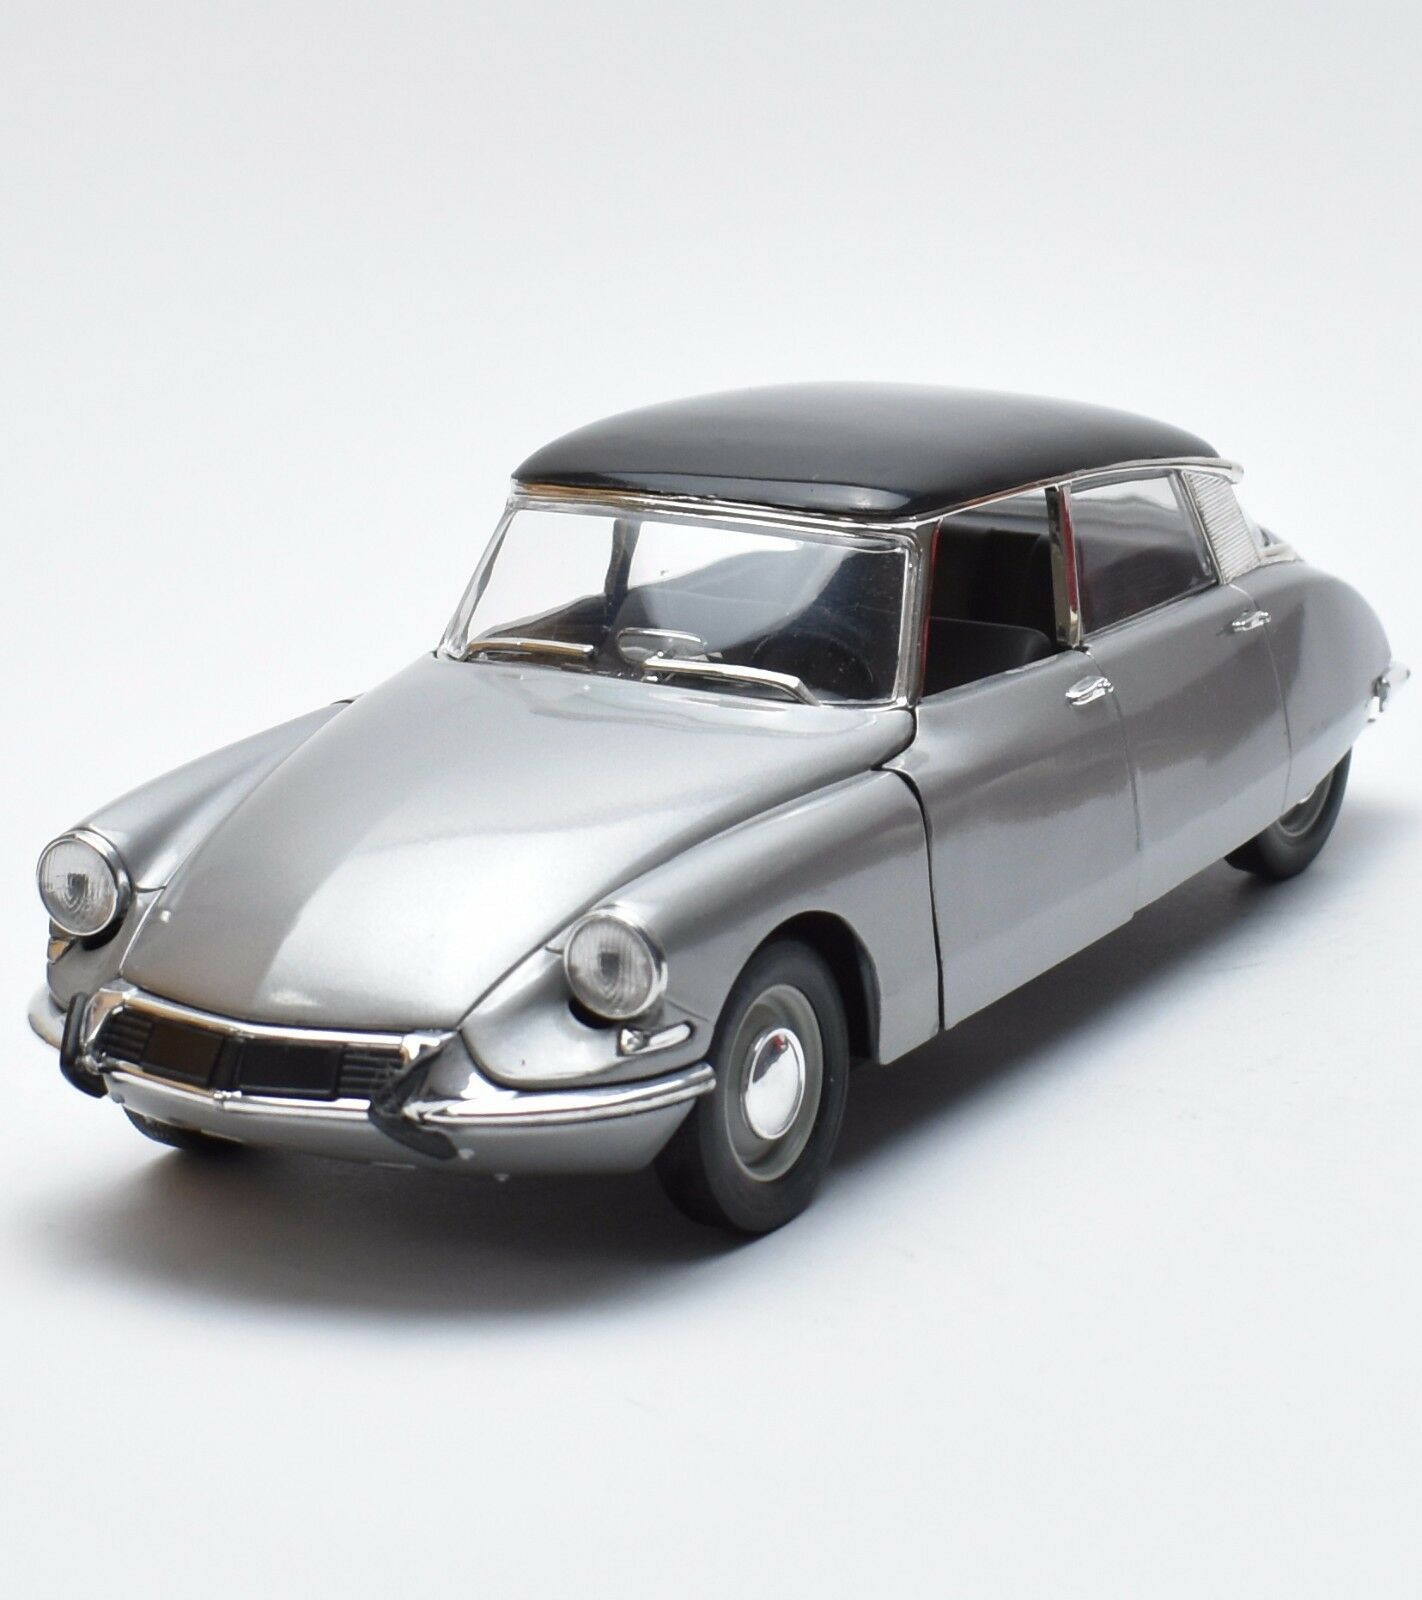 Solido Klassiker Citroen Berline Bj.1963 Limousine in silver, OVP, 1 18, K056